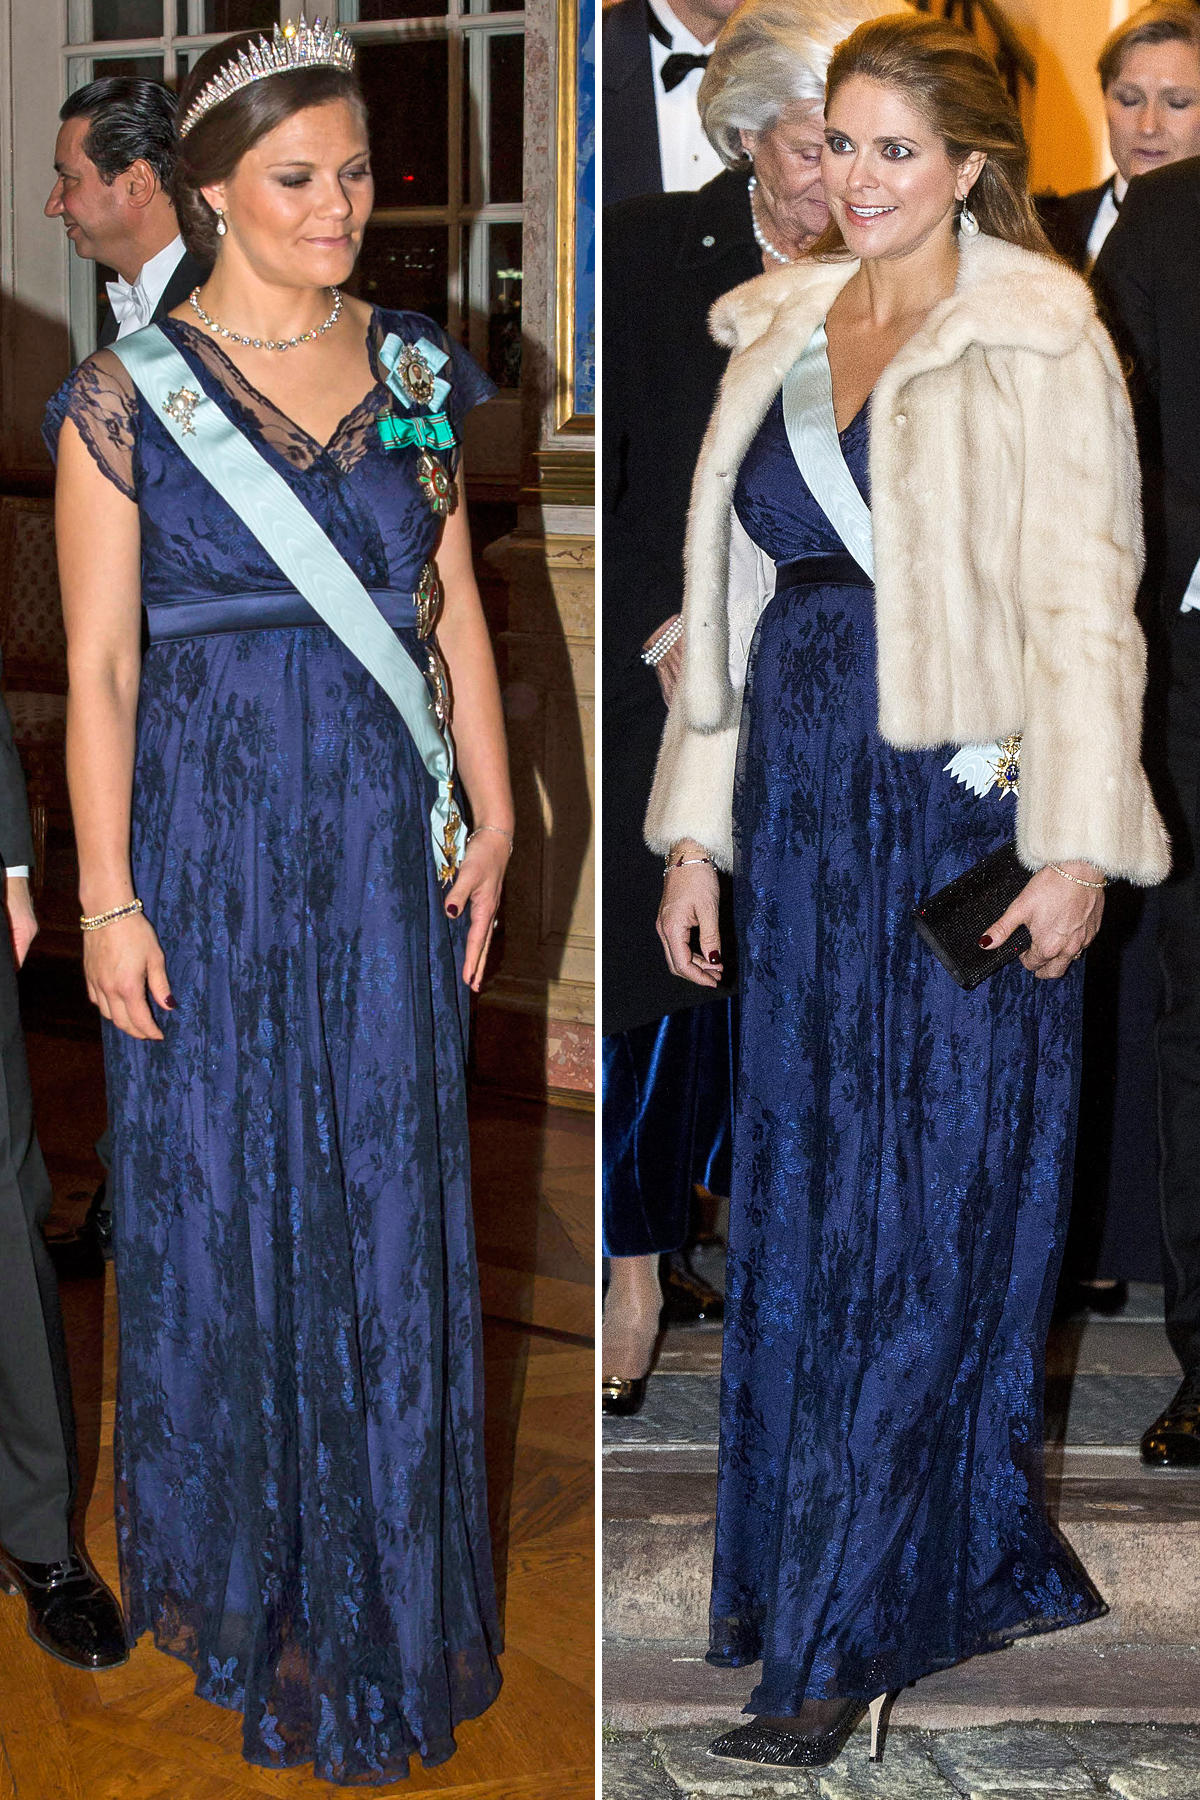 Kronprinzessin Victoria + Prinzessin Madeleine